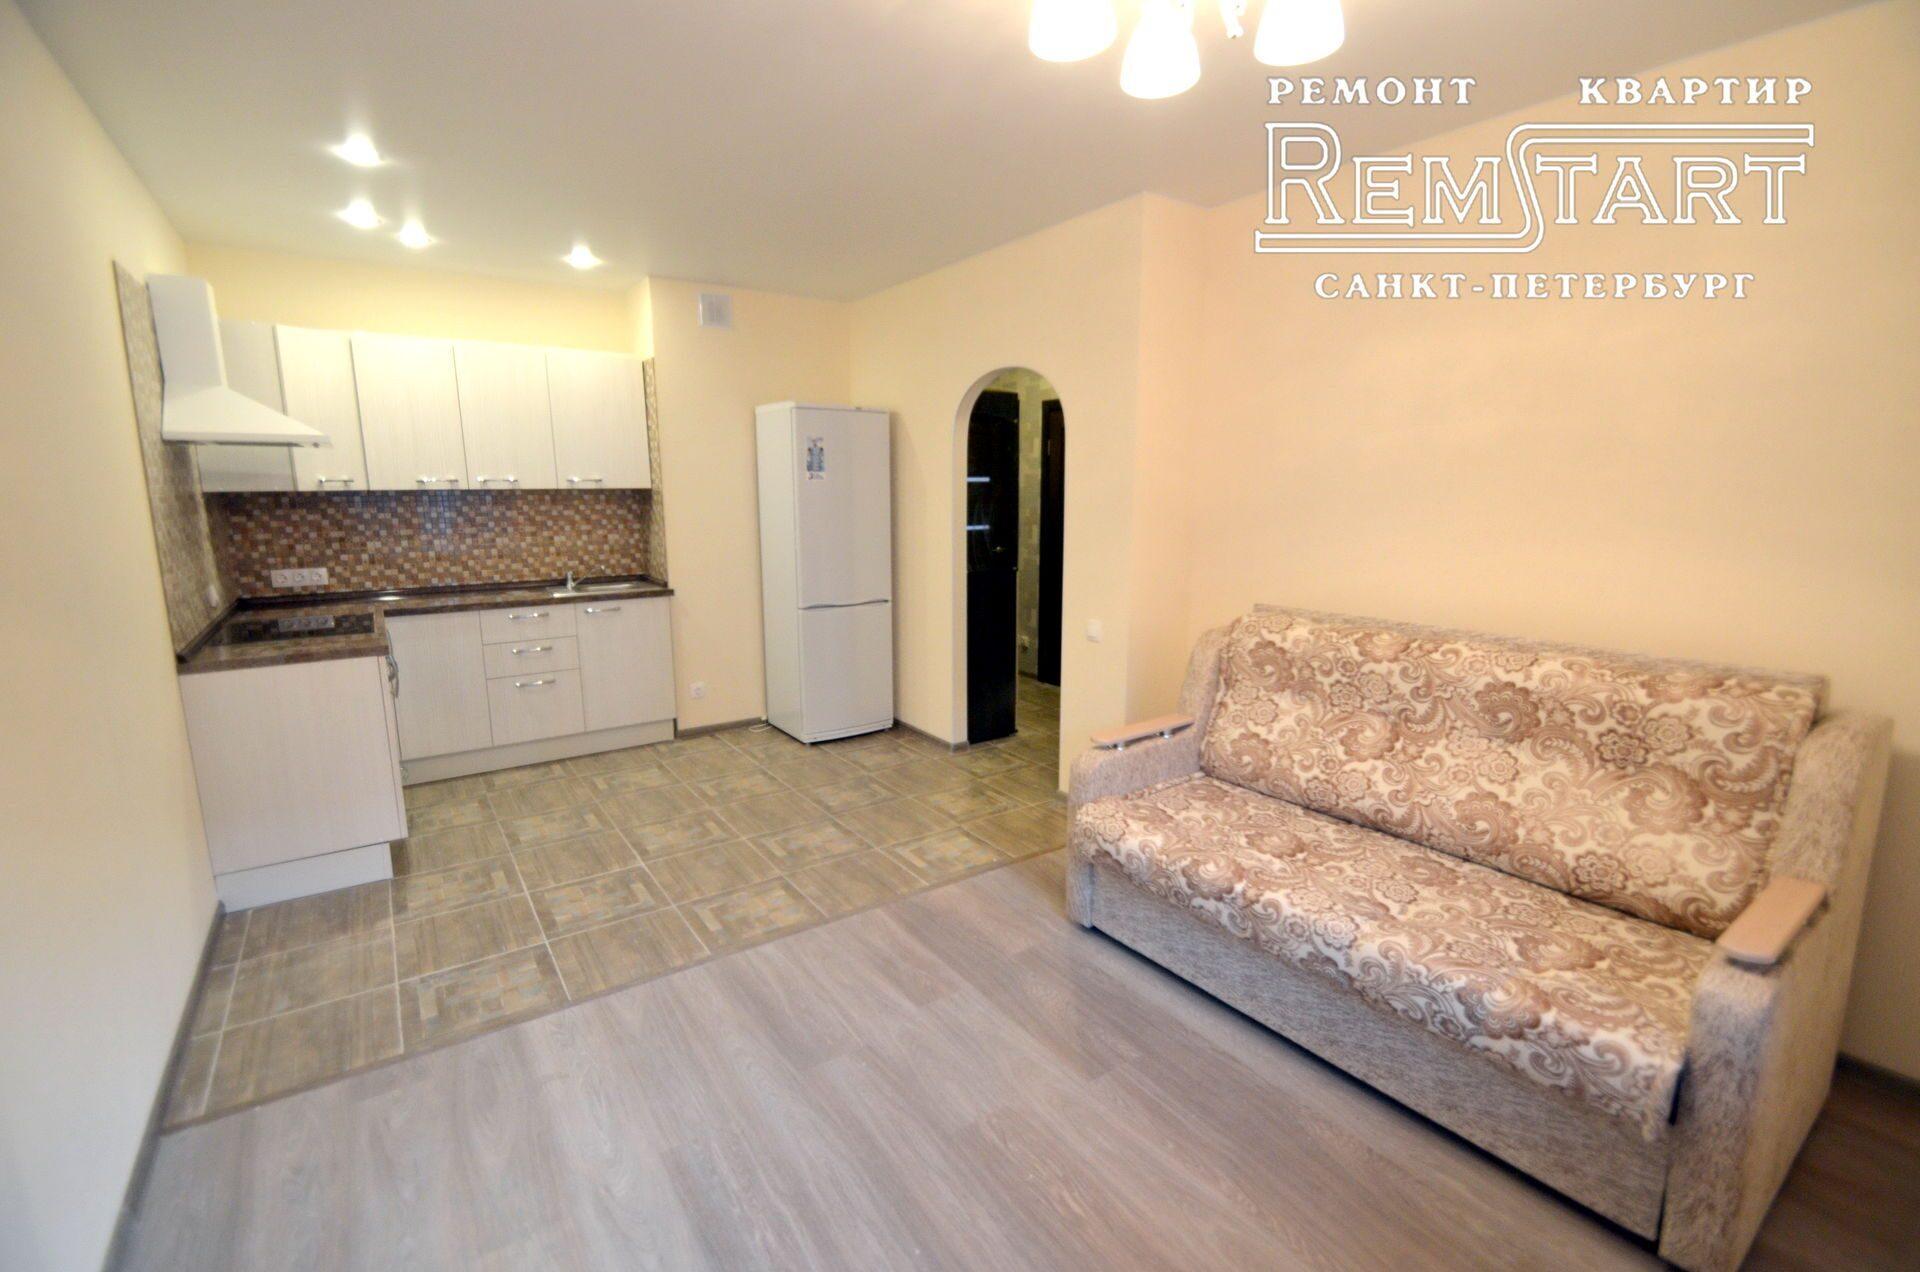 Закон о ремонте квартиры в москве